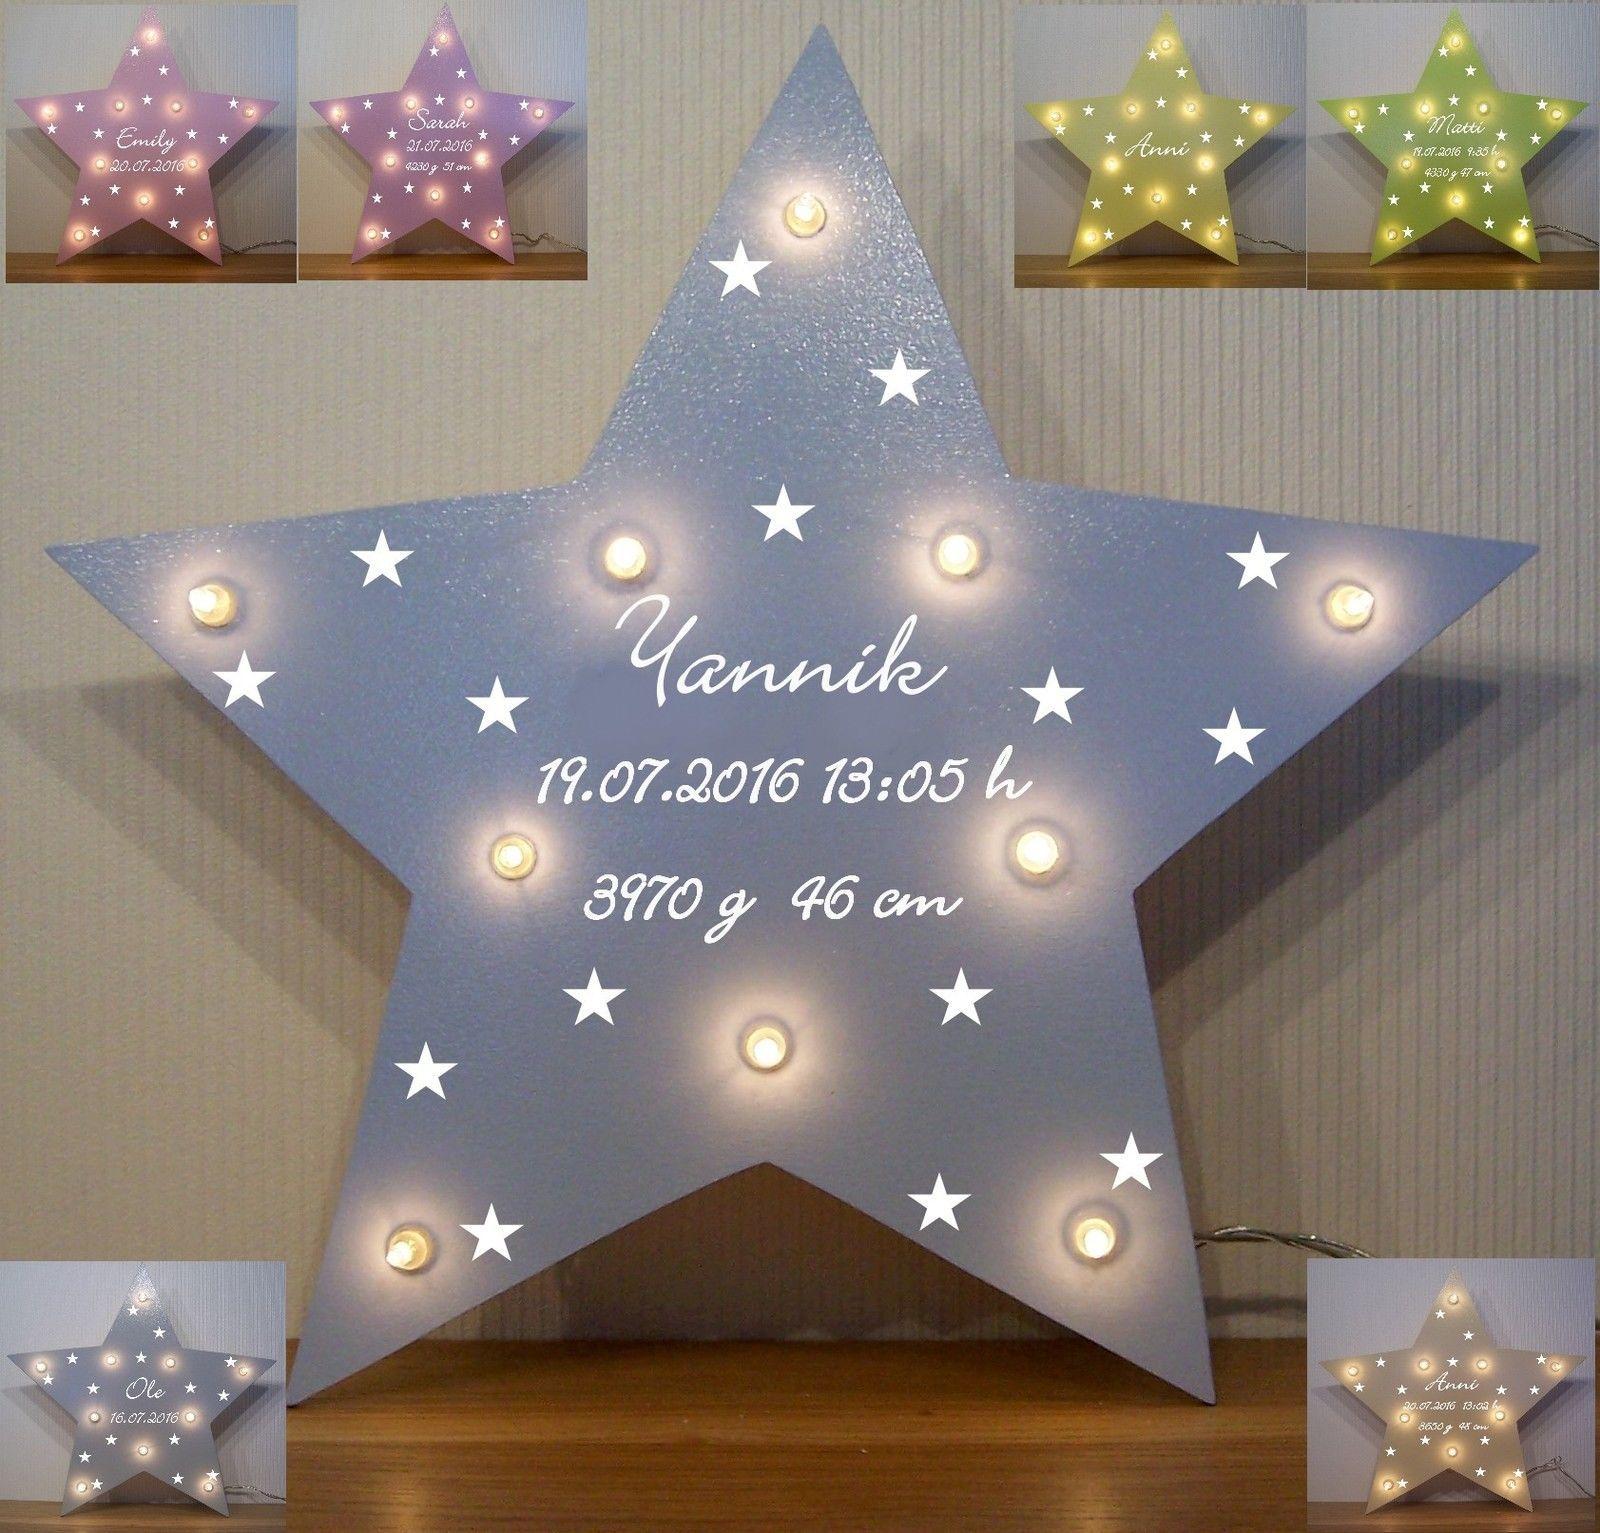 Schlummerlicht Kleine Sterne Lampe Geschenk Baby Geburt Taufe Mit Name Auch Led For Sale Baby Geburt Geschenke Zur Geburt Madchen Geschenke Zur Geburt Junge